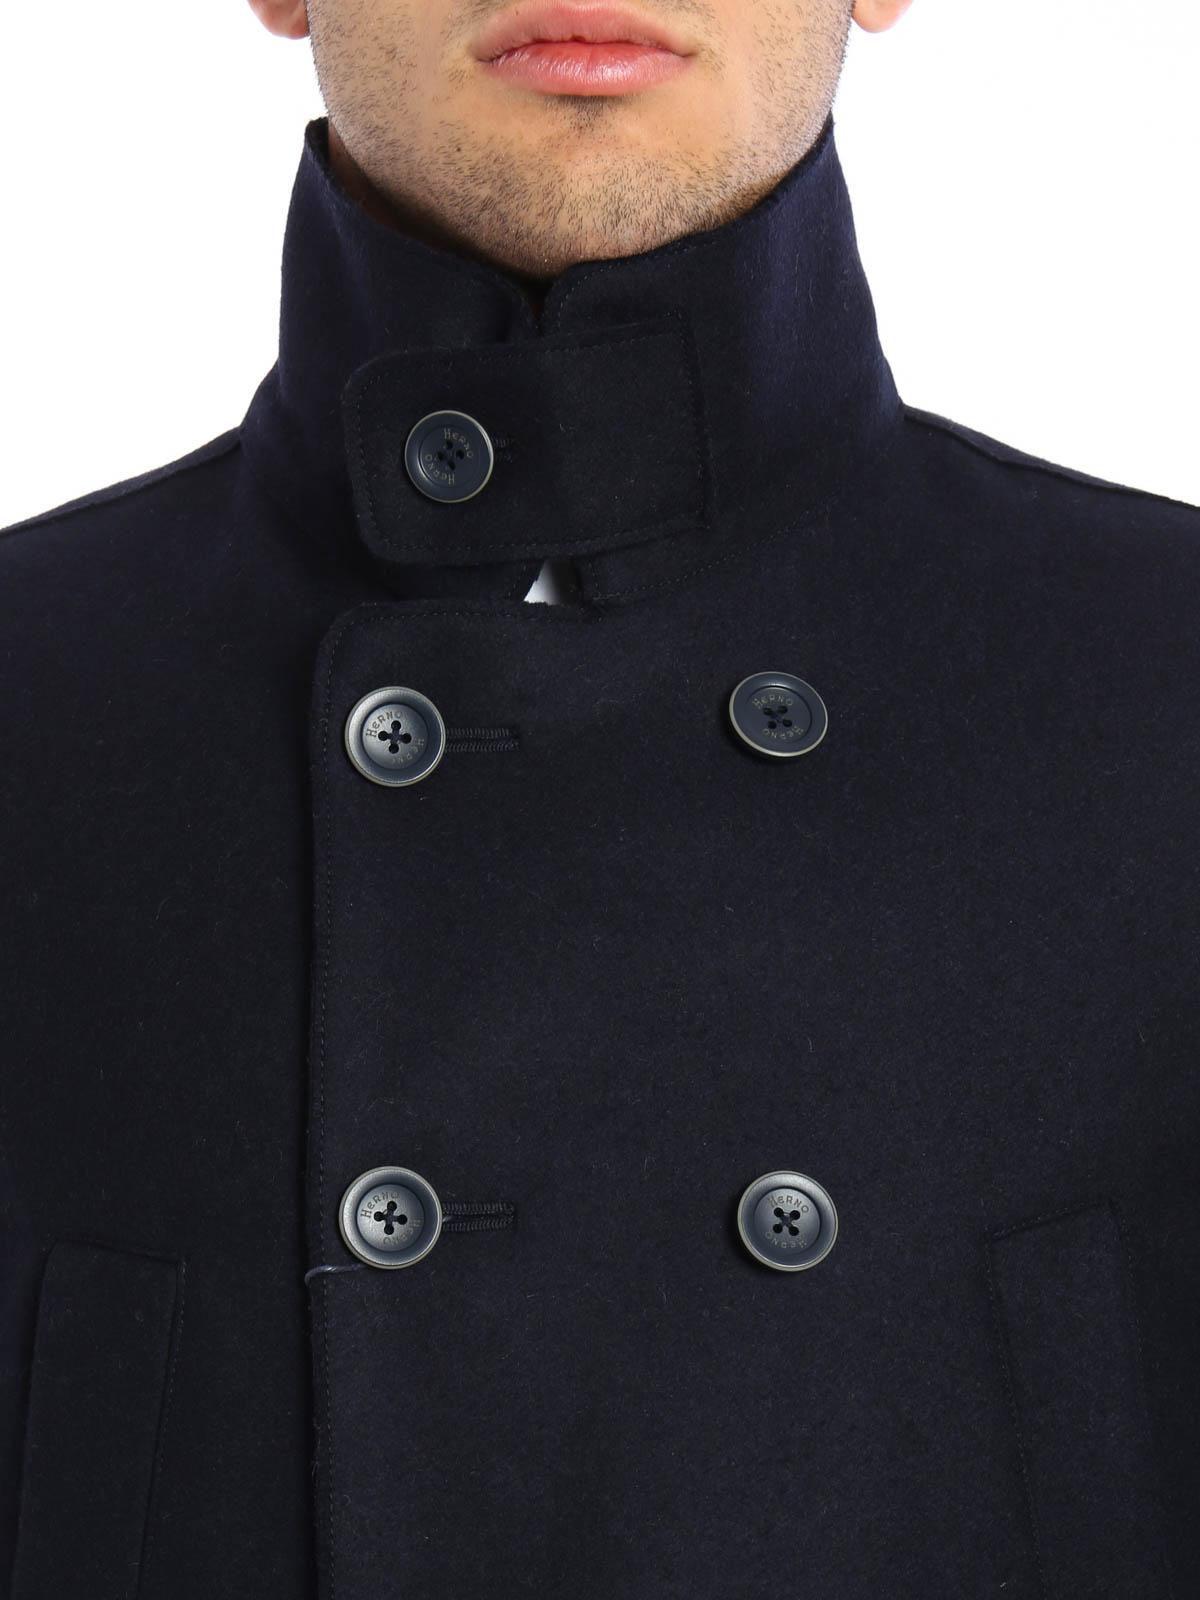 quality design ebf5c 2f9bc Herno - Caban doppiopetto in panno di lana - cappotti corti ...